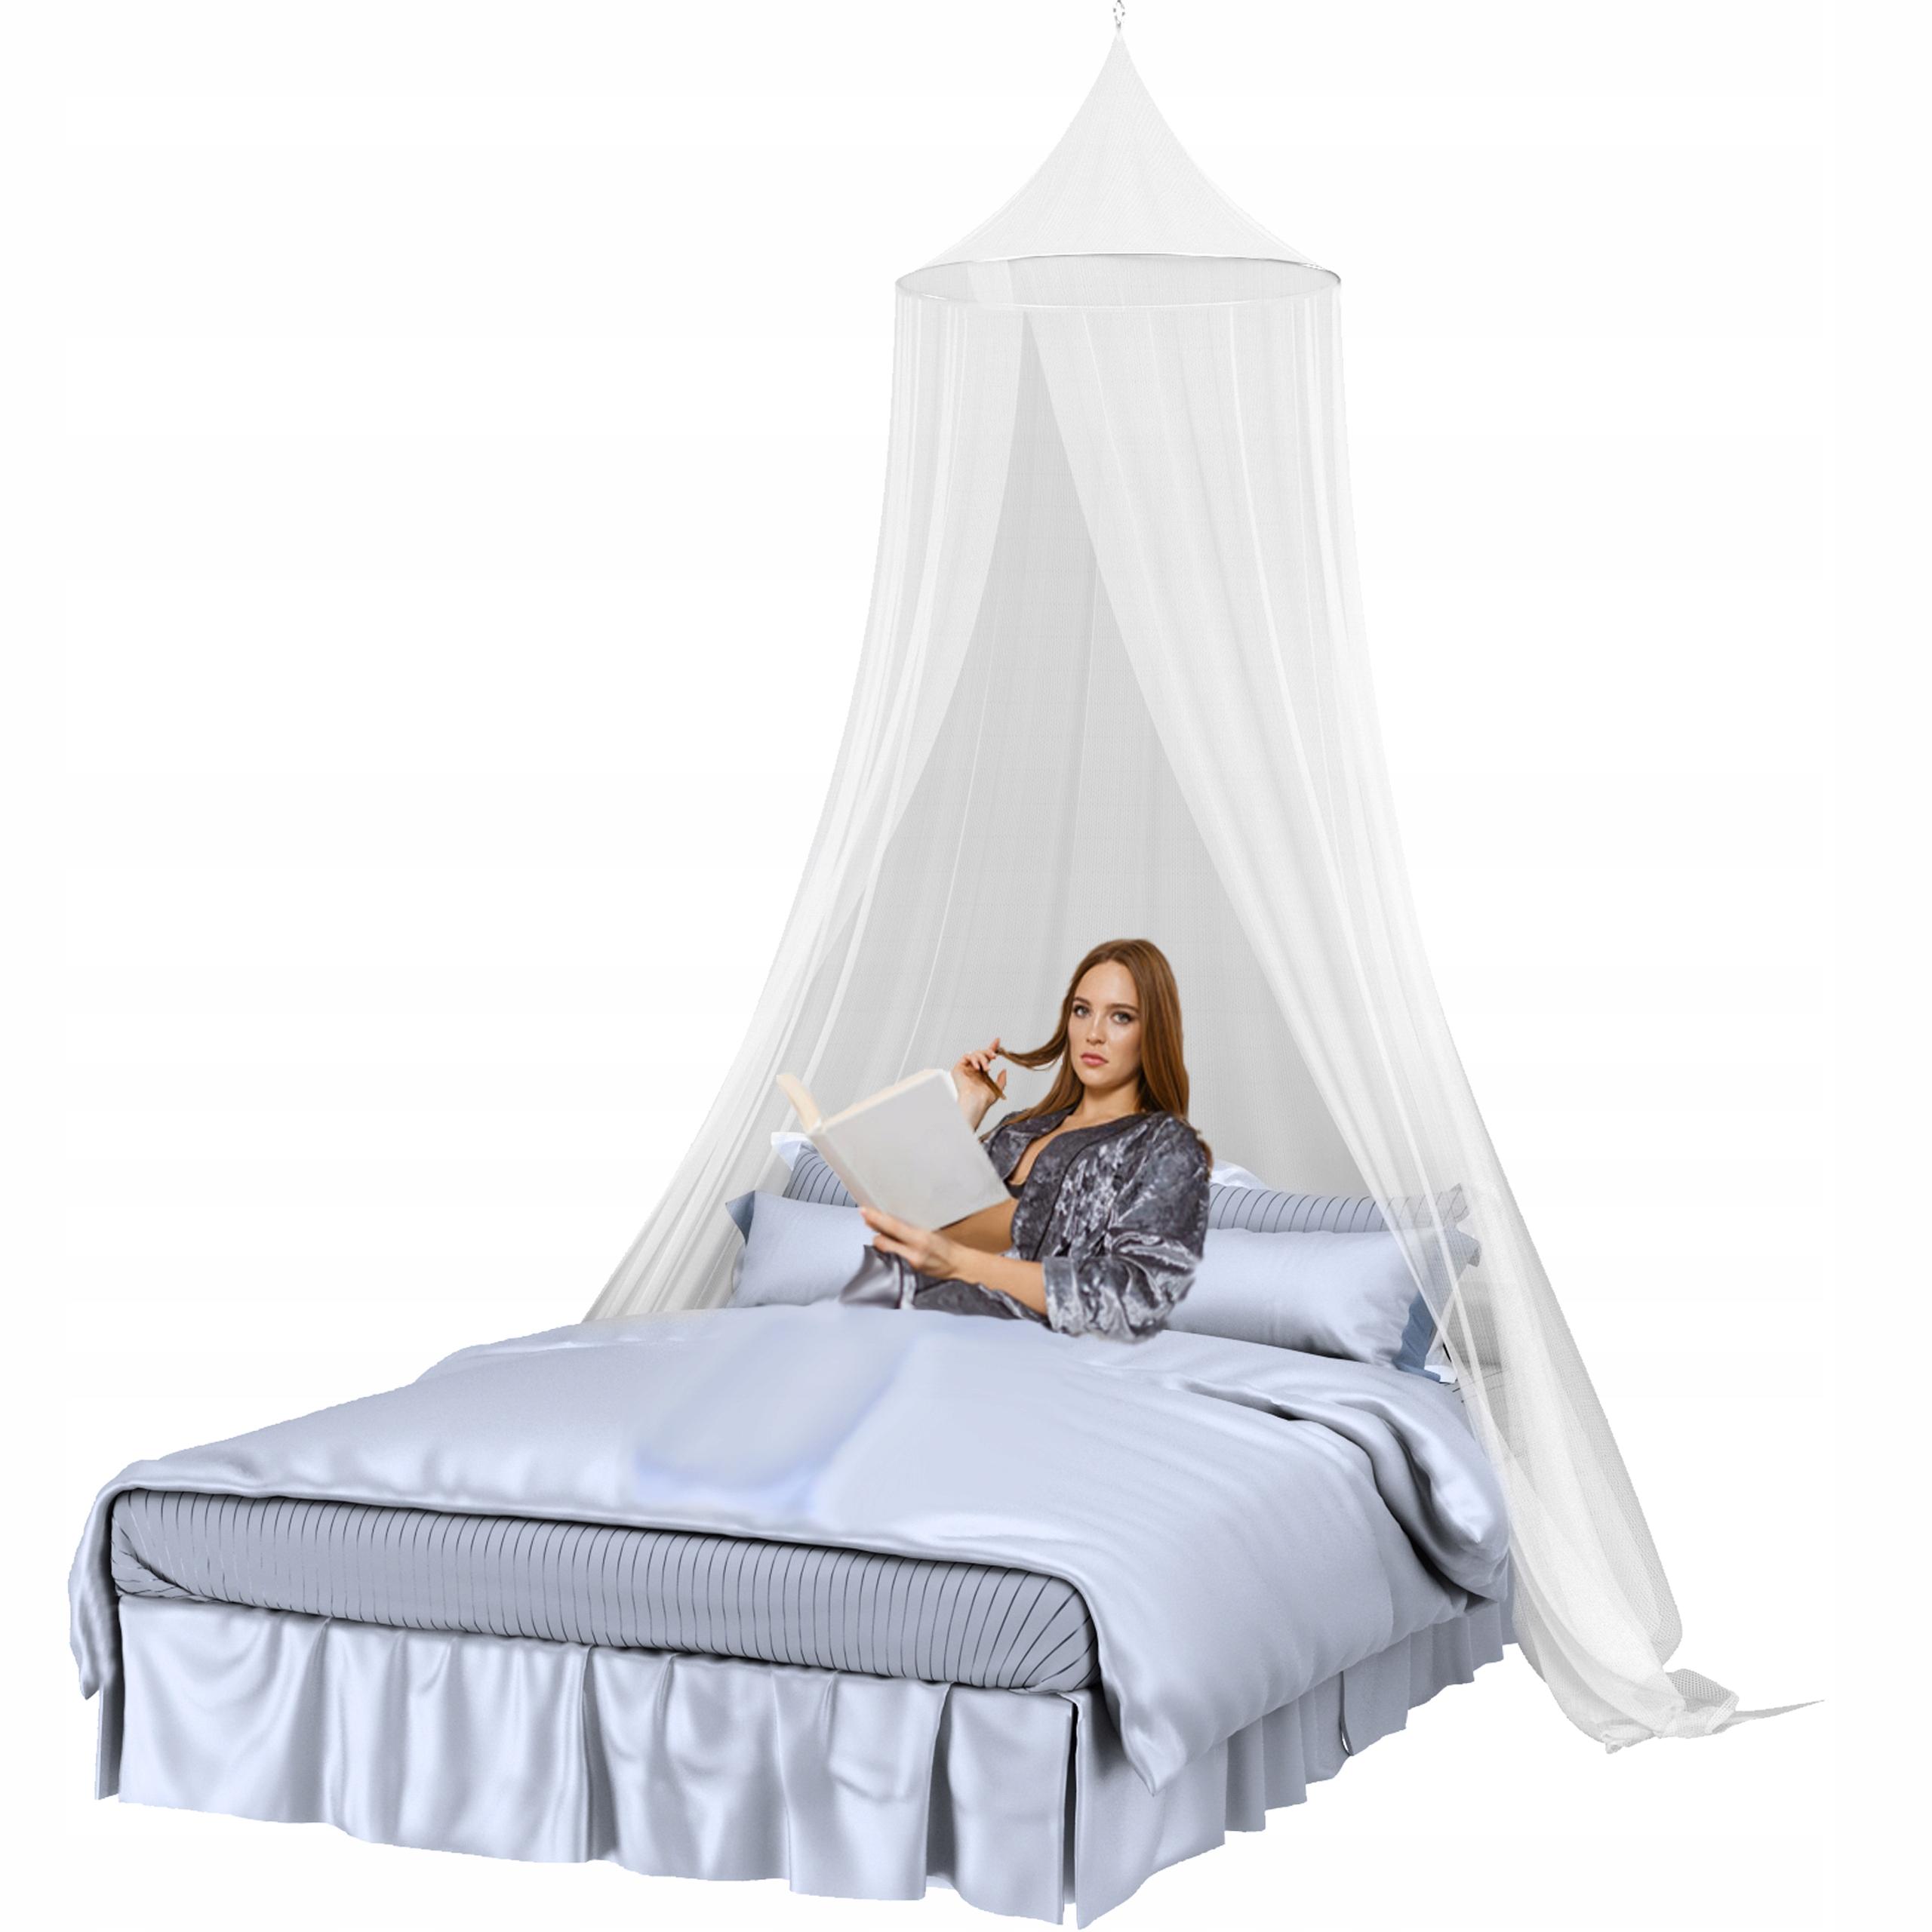 БАЛДАЧИМ москитная сетка над кроватью.